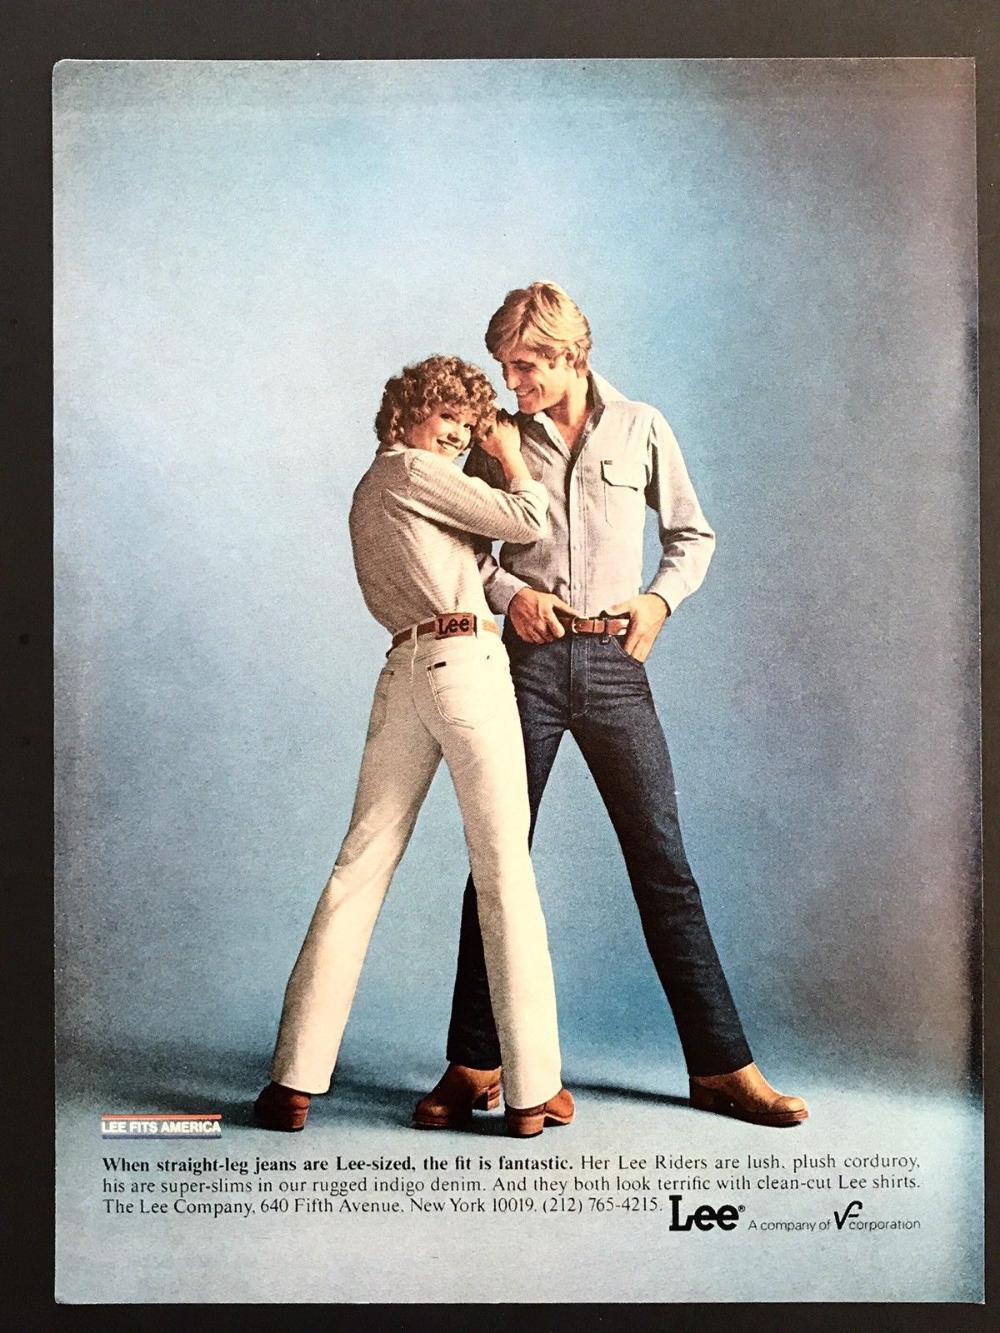 1979 Vintage Print Ad Lee Men S Fashion Blue Jean Man Woman 70 S Style Image Ebay In 2020 70s Women Fashion 70s Fashion Vintage Prints